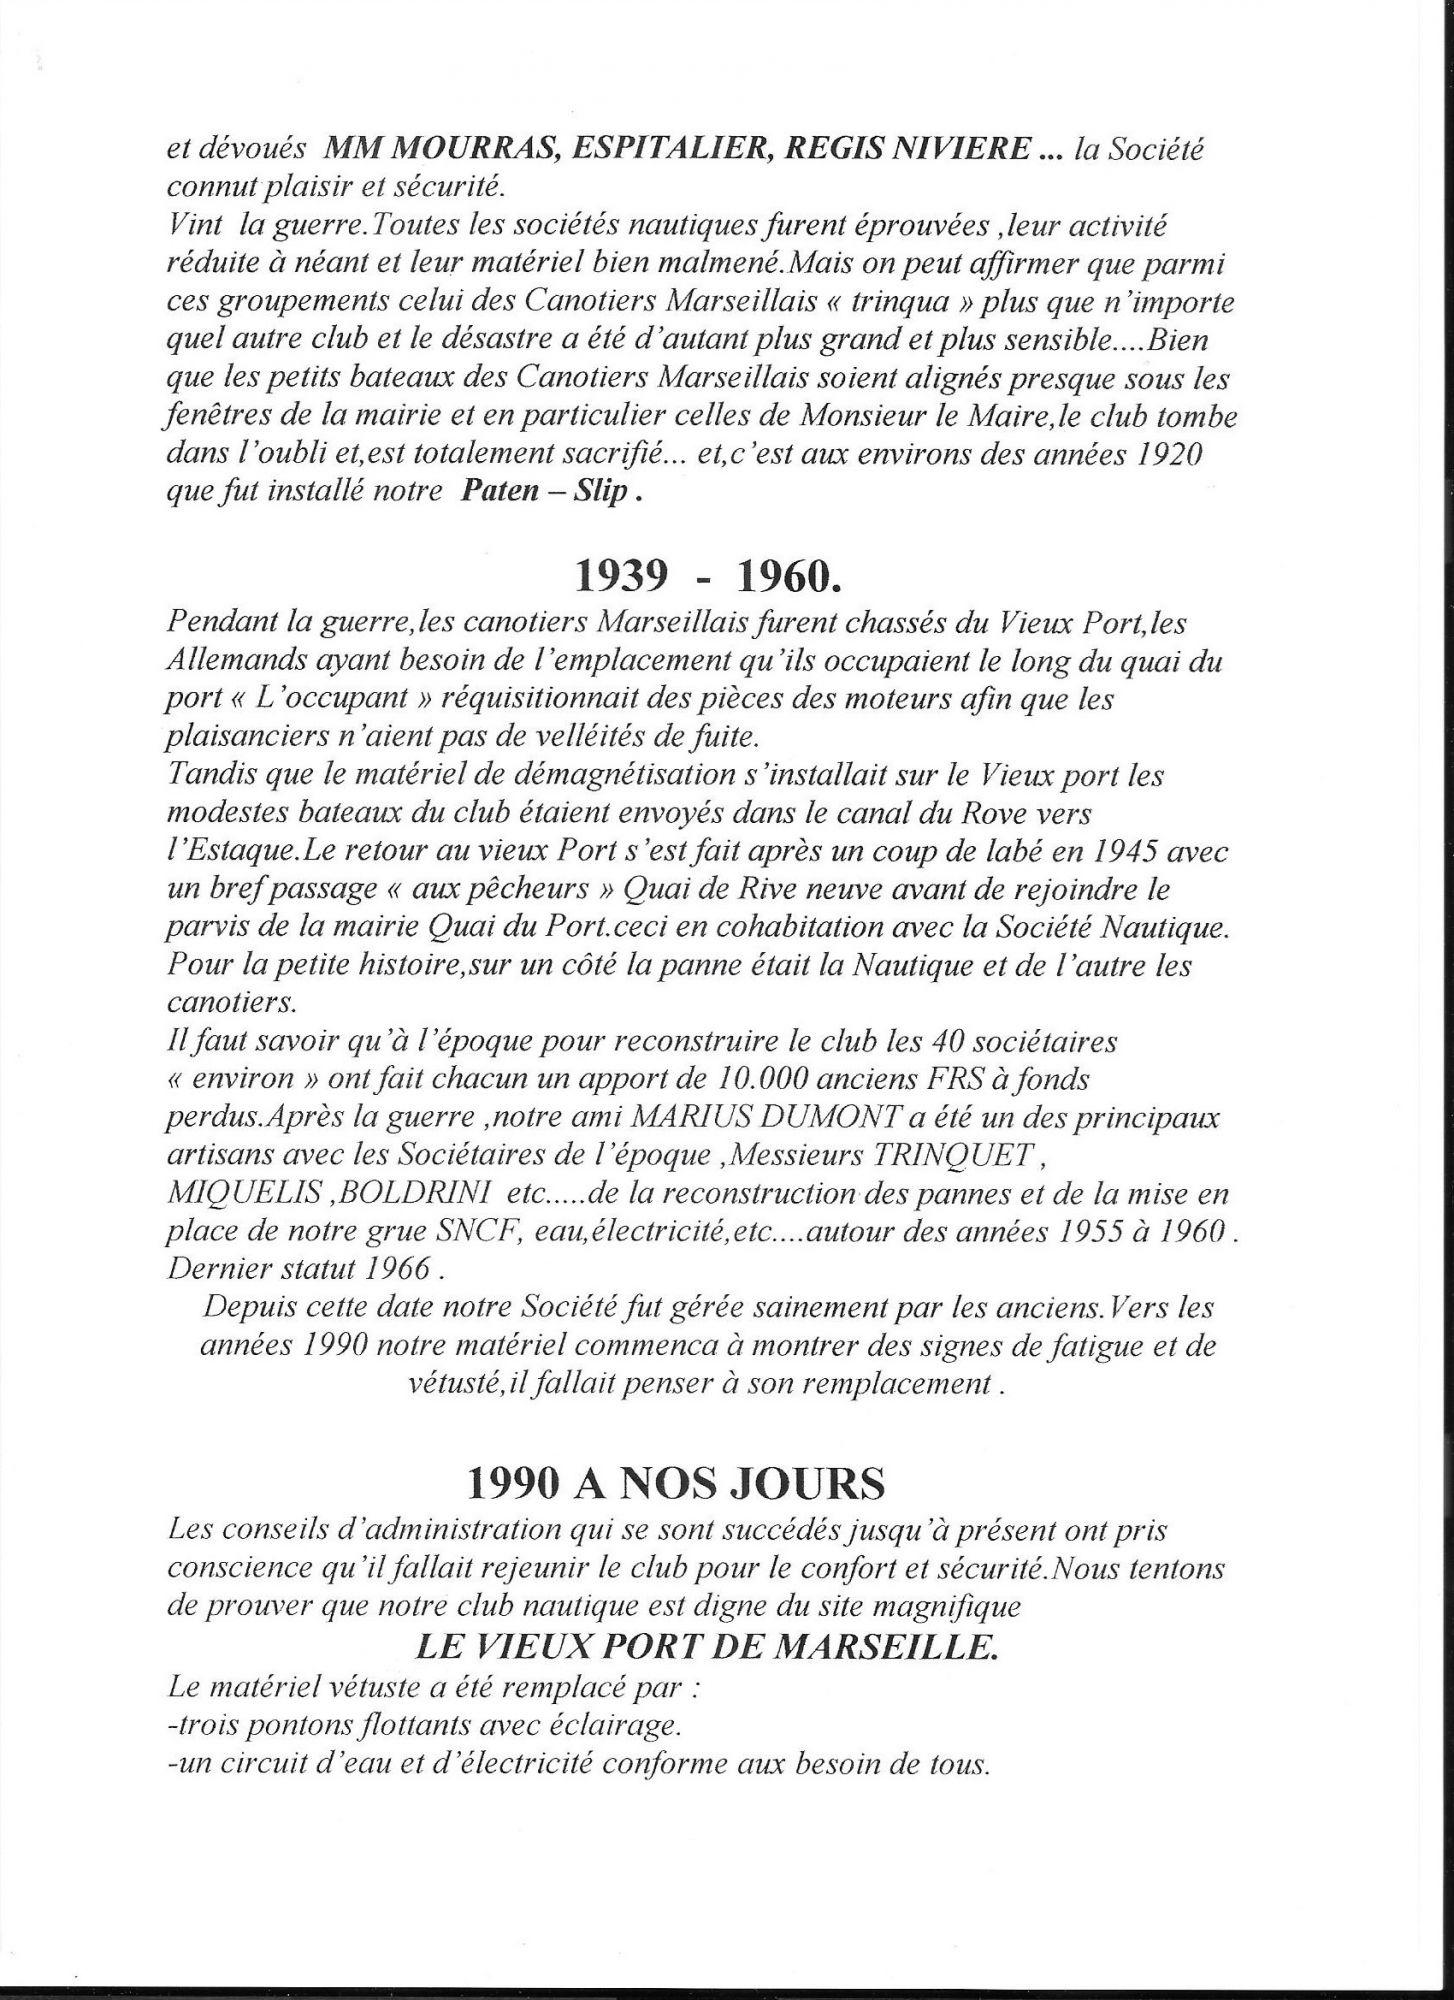 1900-2000-historique-des-canotiers-2